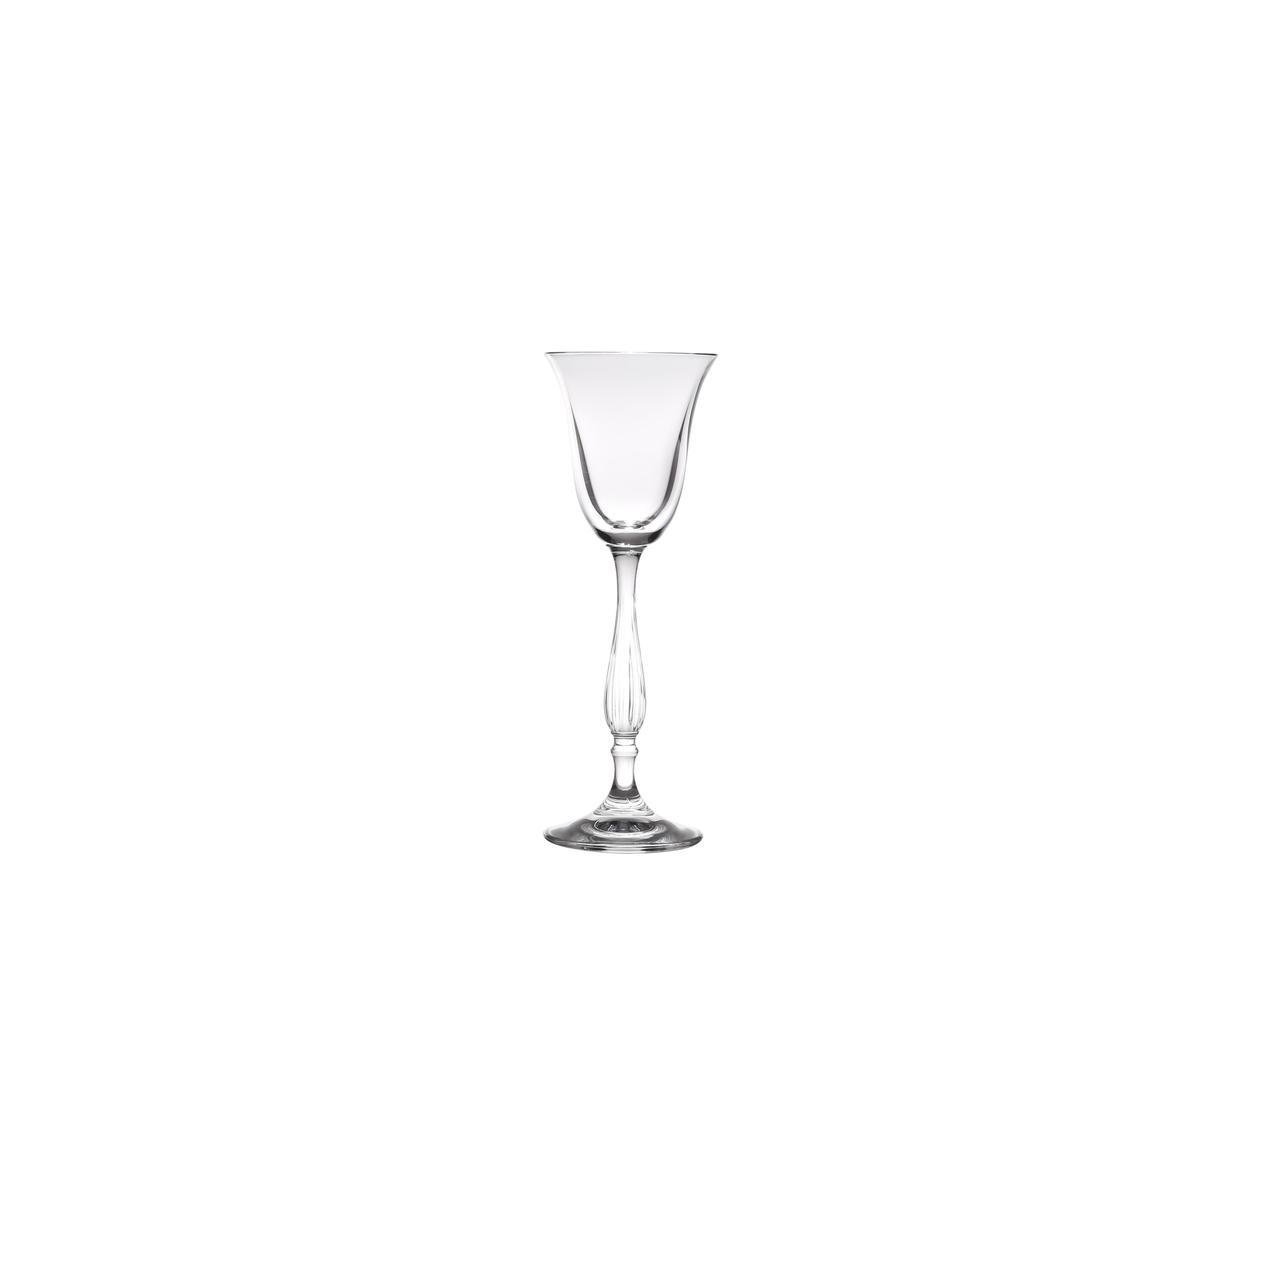 Jogo 6 Taças de Vidro Lyor 75 ml  - Lemis